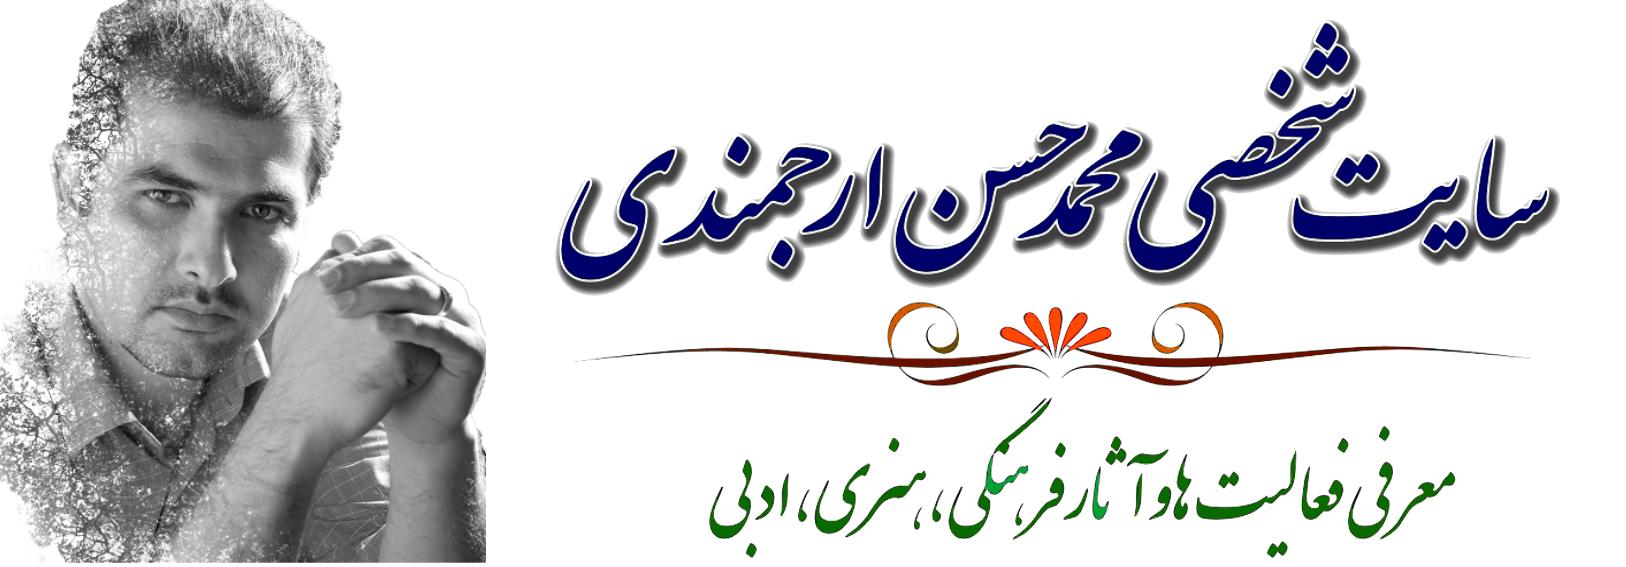 سایت شخصی محمد حسن ارجمندی